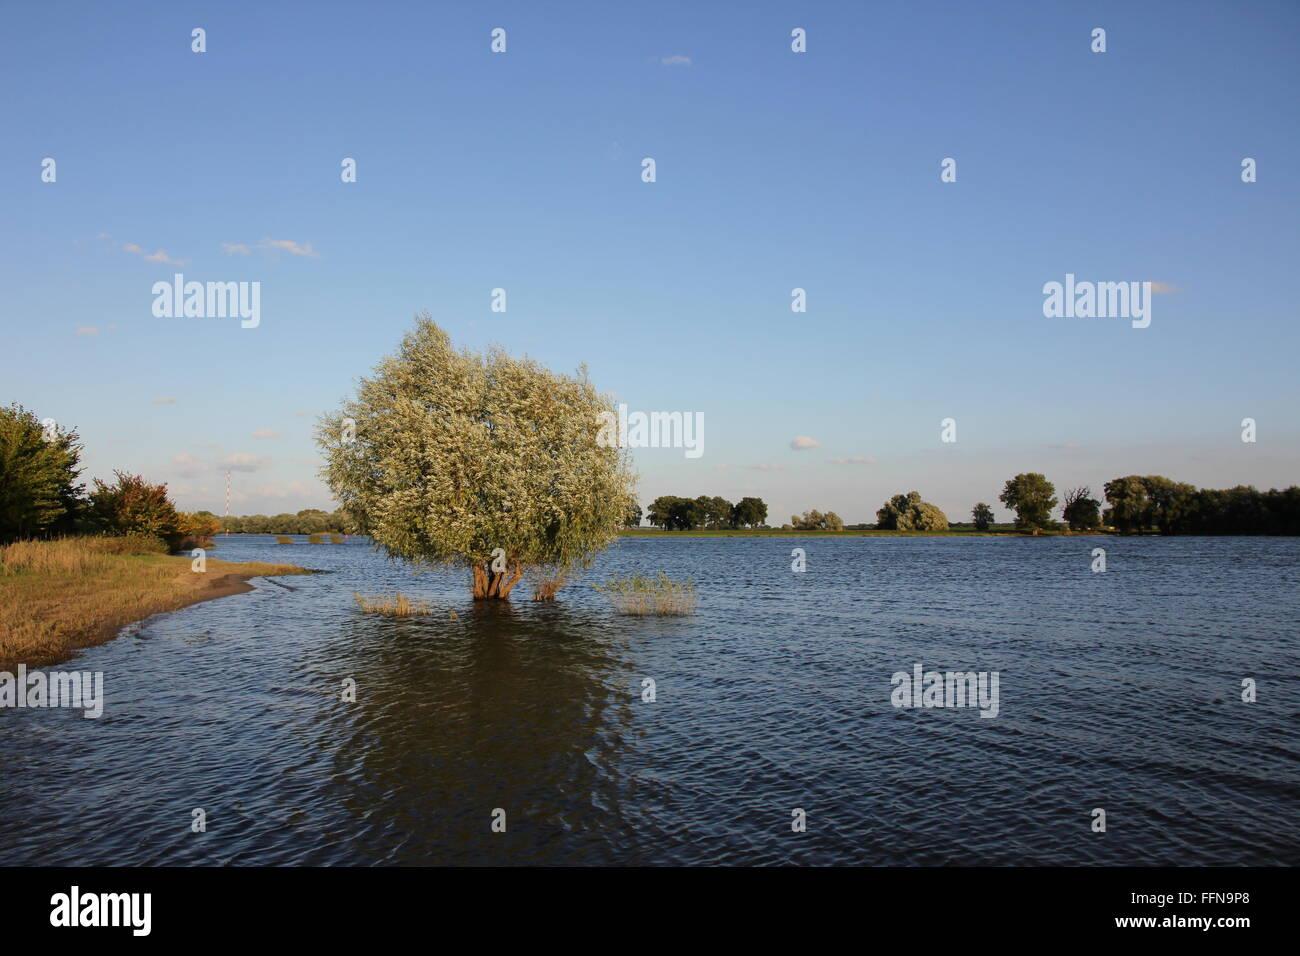 Geografía / viajes, Alemania, Brandeburgo, paisajes, el río Elba, Additional-Rights-Clearance-Info-Not Imagen De Stock